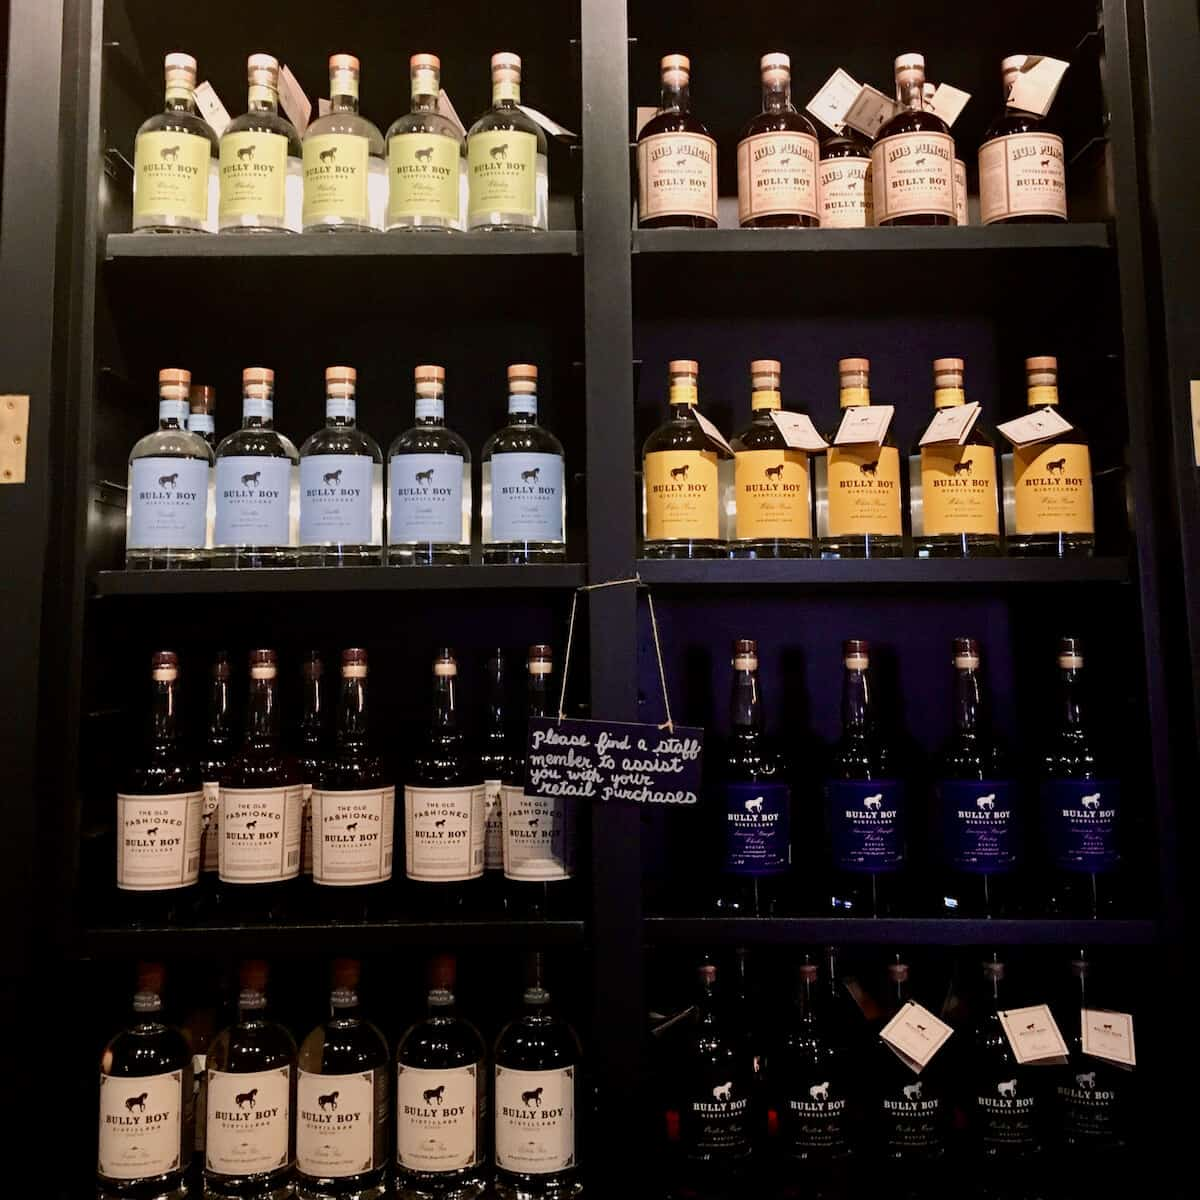 Bully Boy Distillery bottles on shelves.